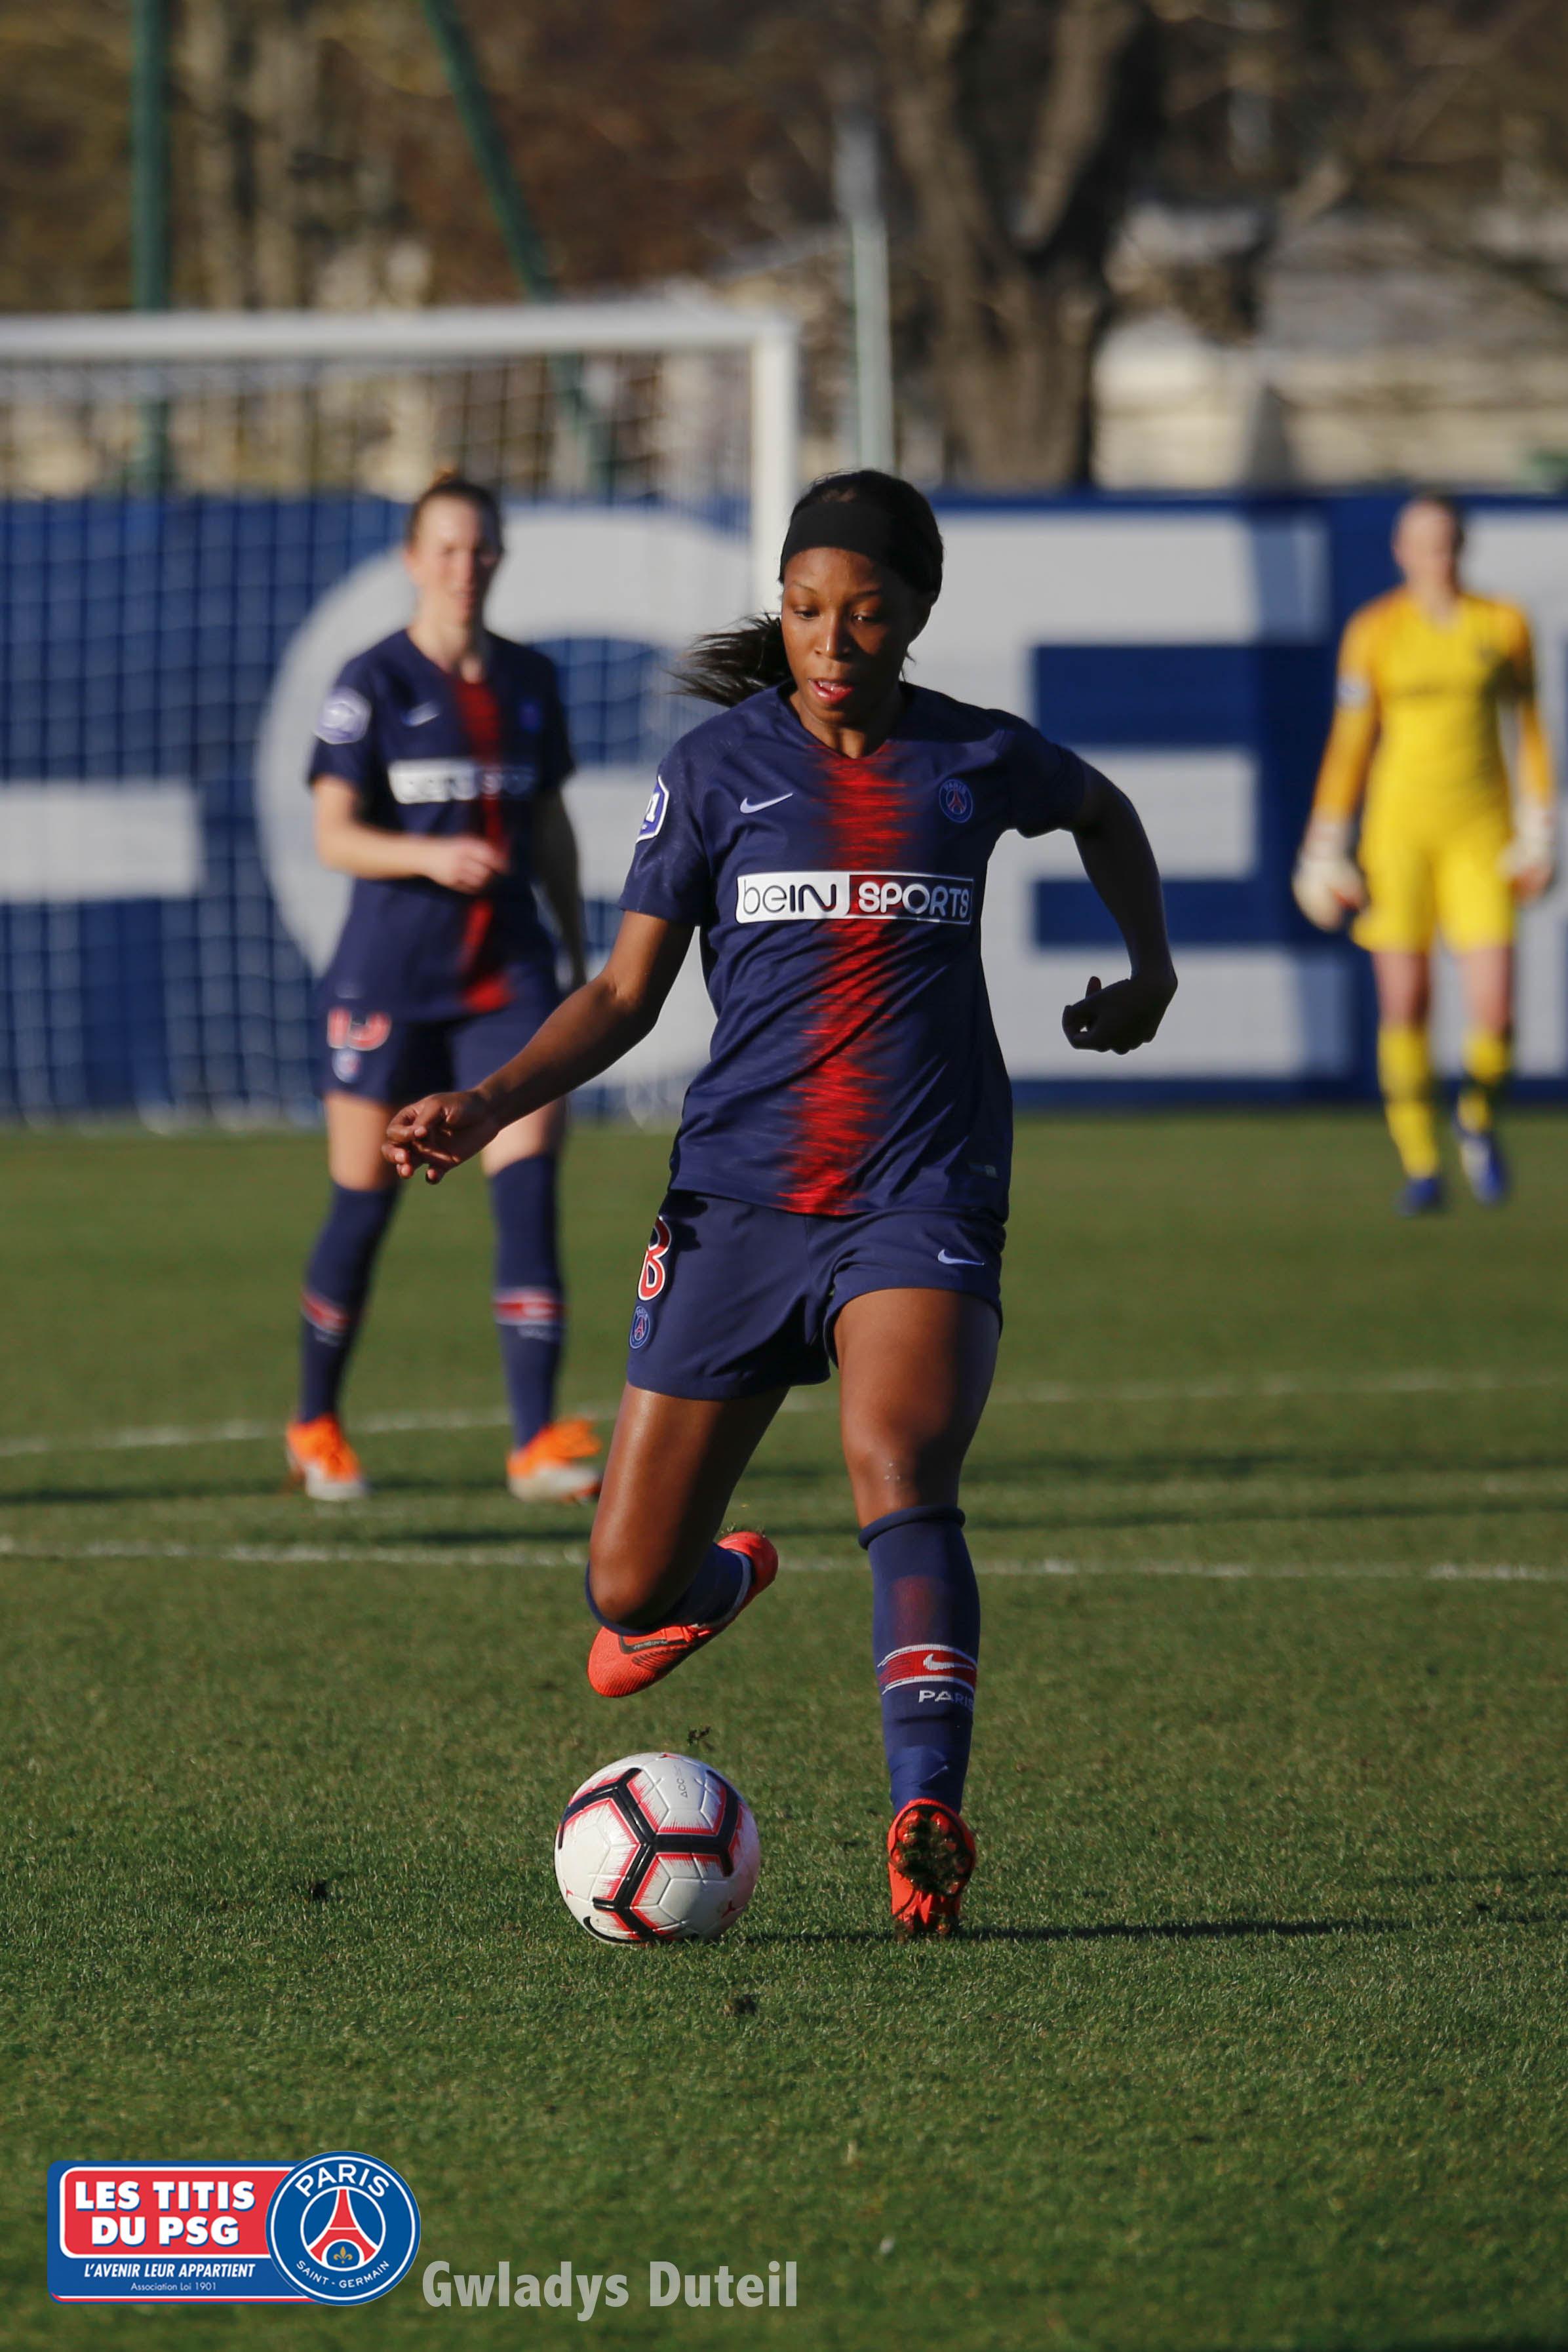 Match Titis Gilrs PSG-FC FLEURY le 17/02/2019